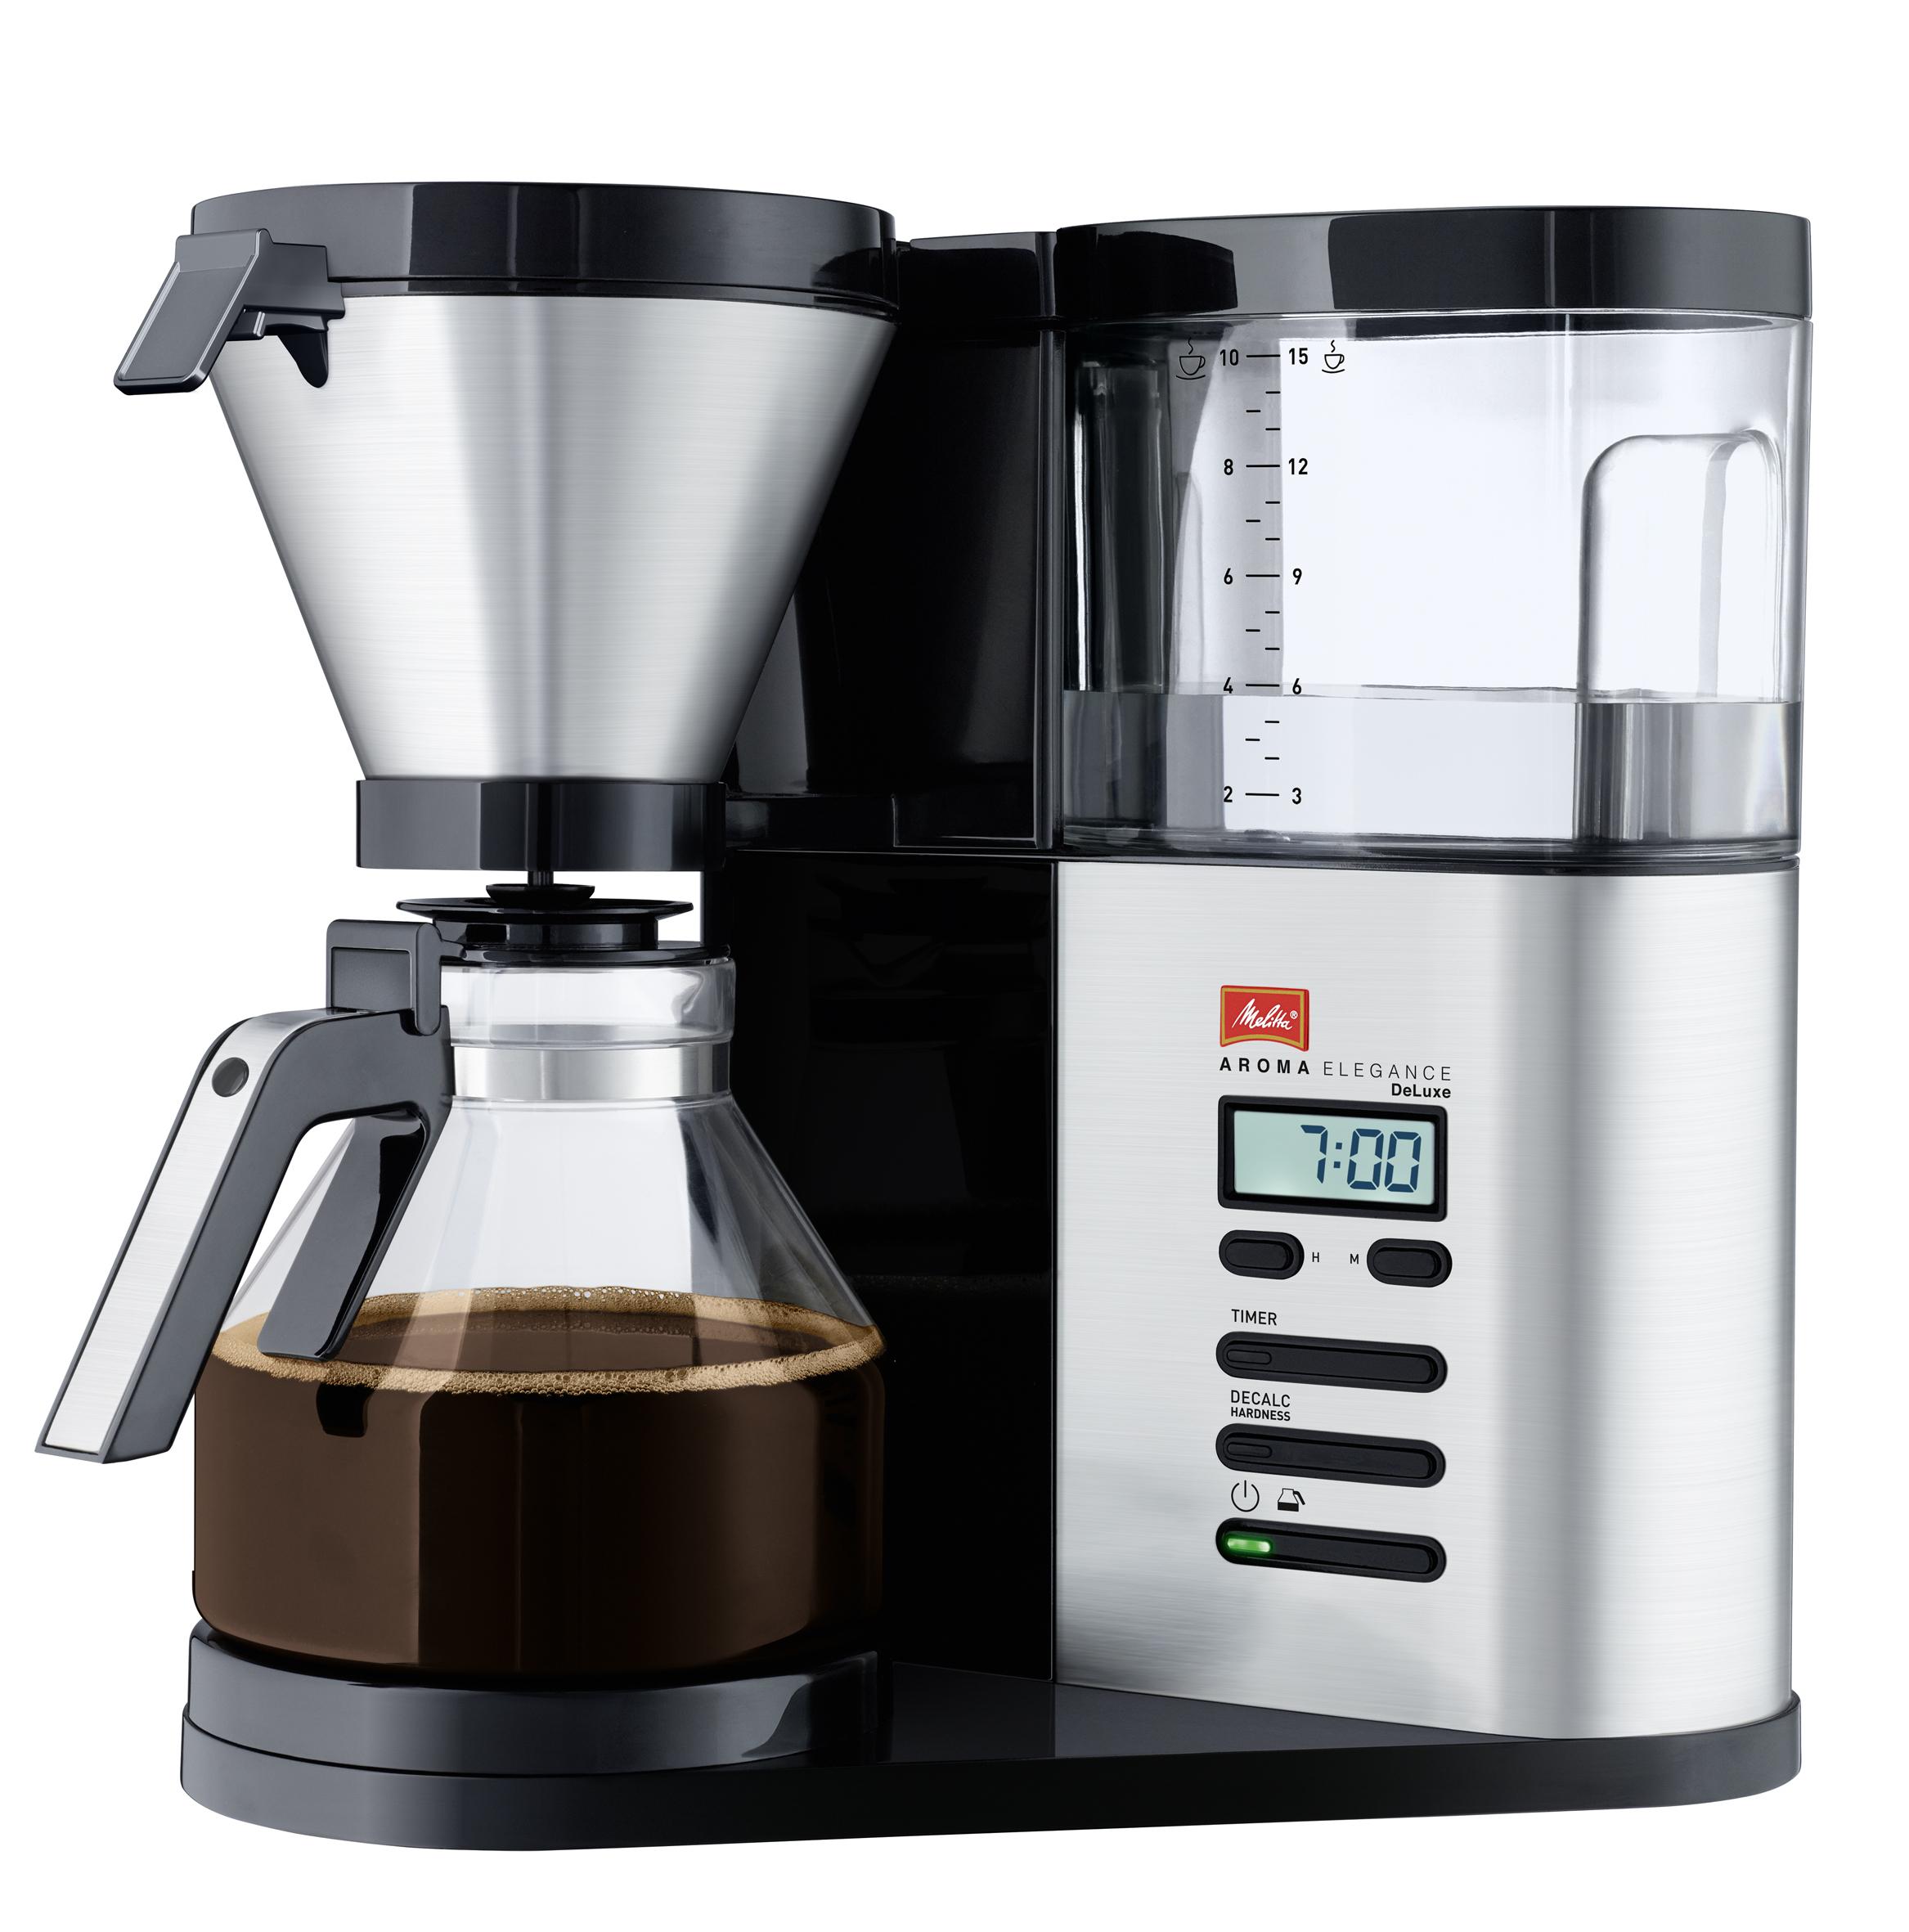 Melitta 1012-03 Aroma Elegance Deluxe Filterkaffeemaschine 10 Tassen für 134,99 Euro